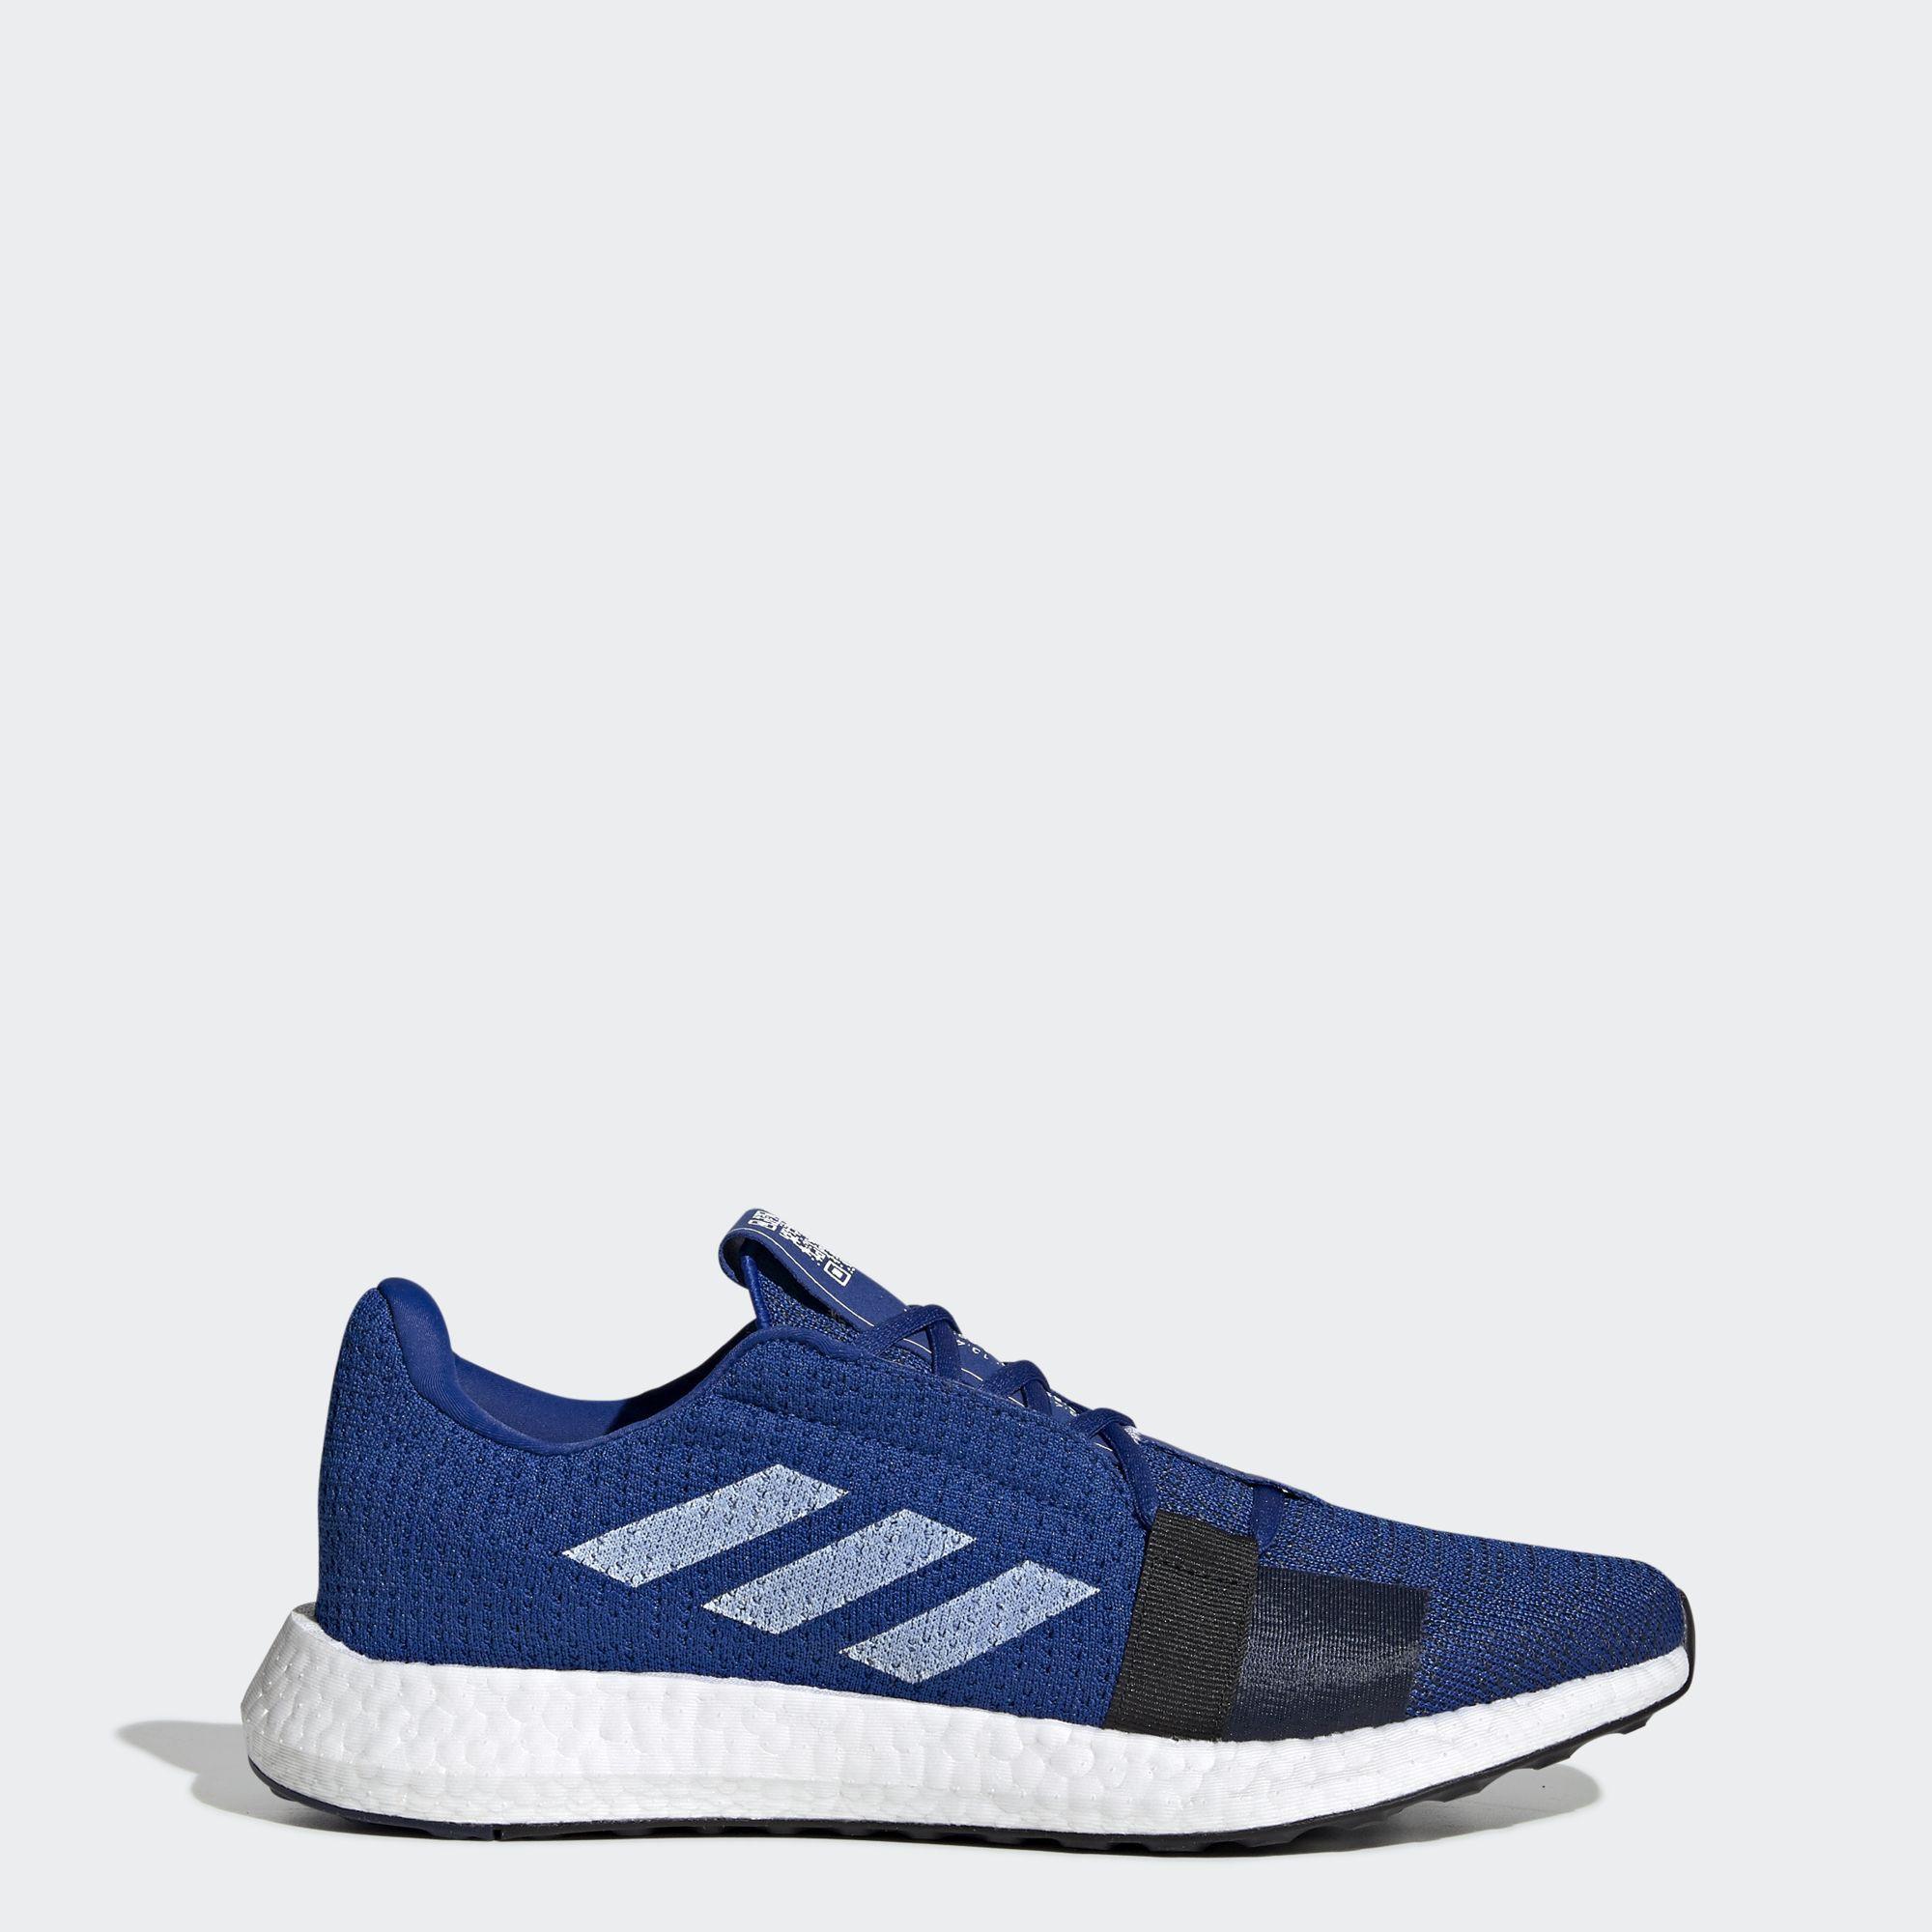 Giày Thể Thao adidas RUNNING Senseboost Go Nam Màu xanh dương G26941